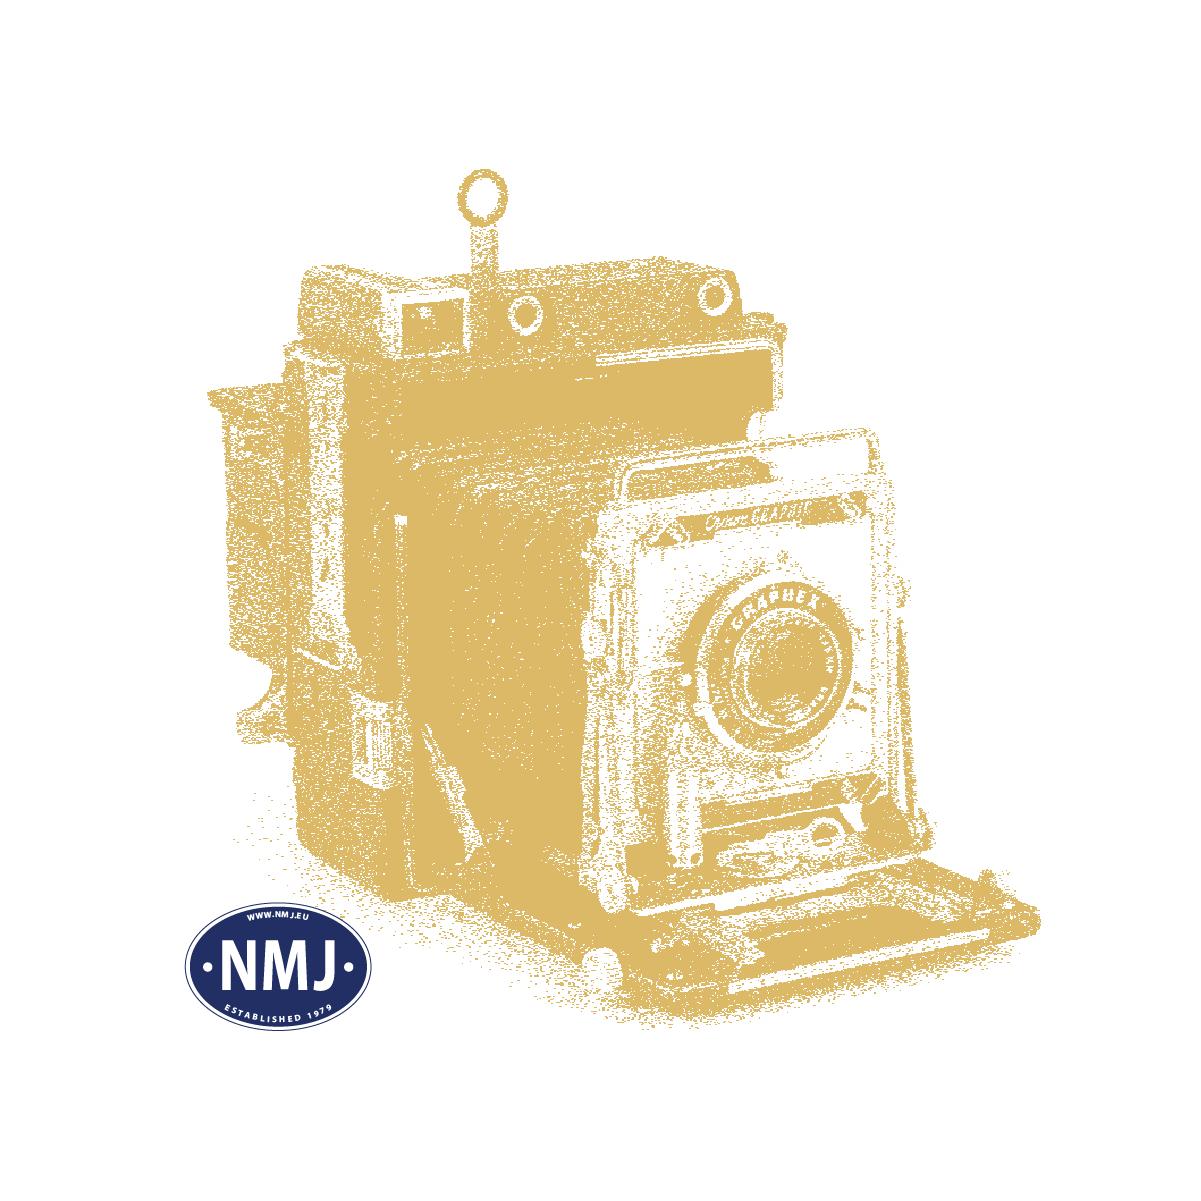 VIE4415 - Innkjørssignal m/ Forsignal, N-Skala